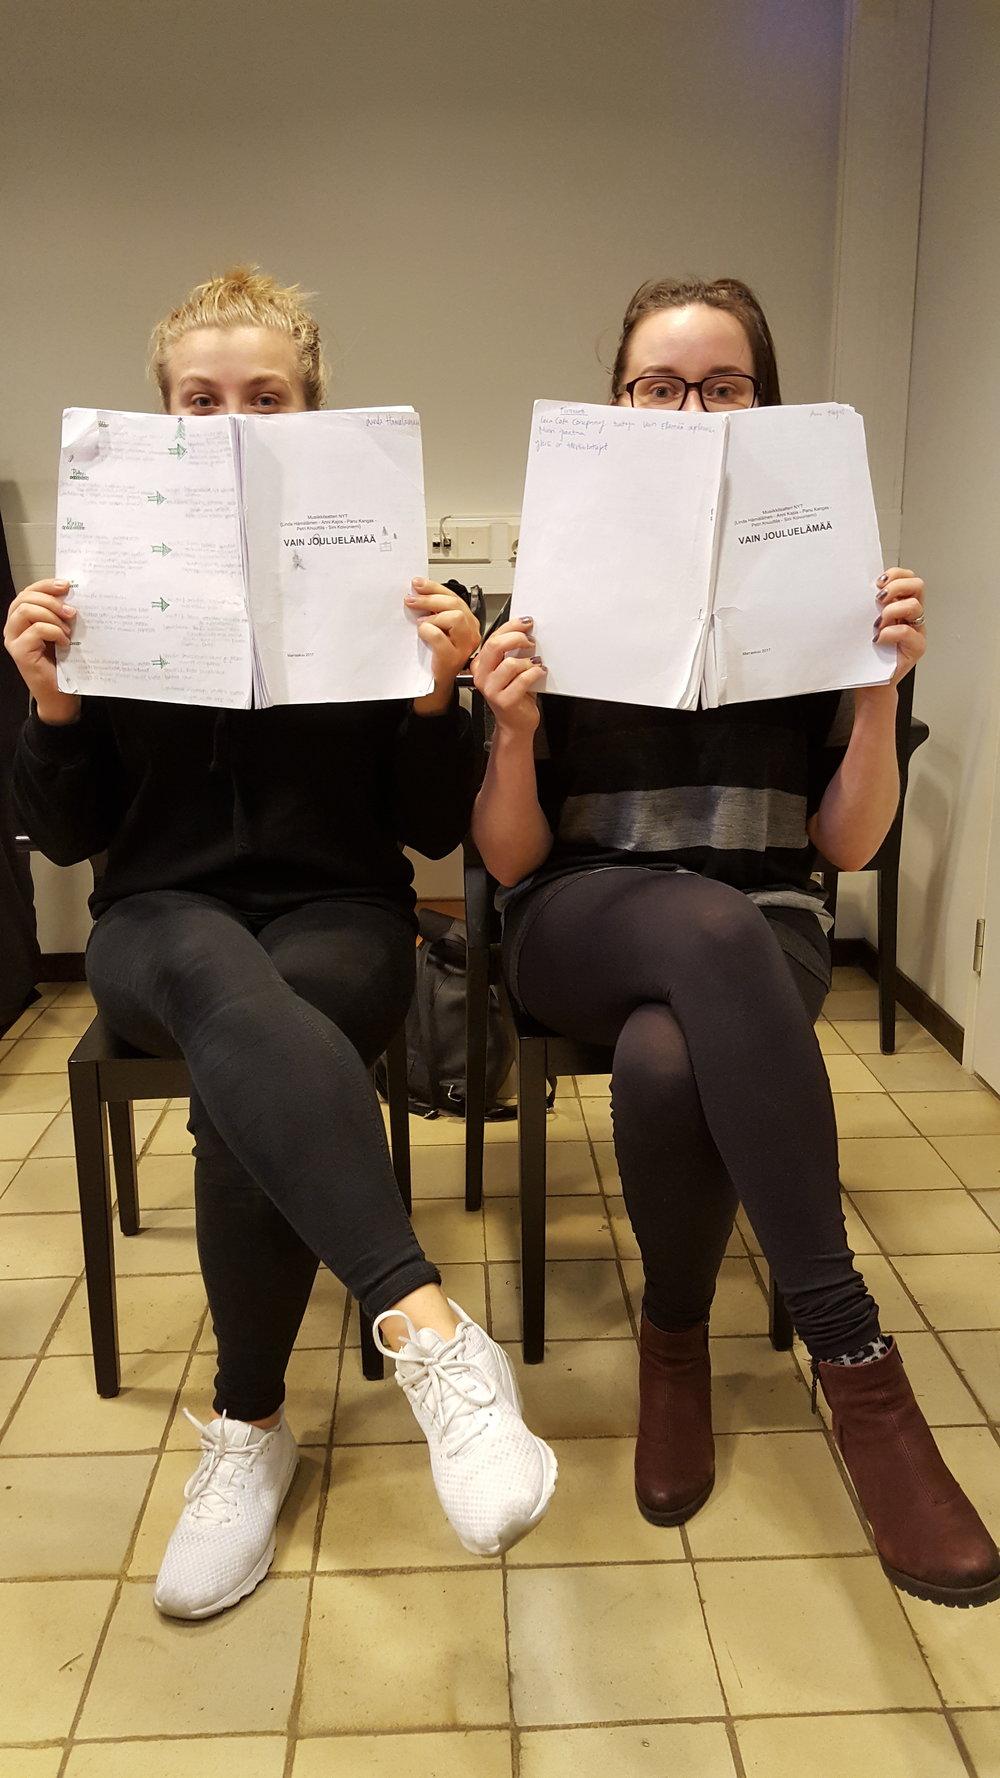 tytöt istuu käsikirjoitus kädessä Hermannin Diakoniatalolla Musiikkiteatteri NYT Vain Jouluelämää harjoitus